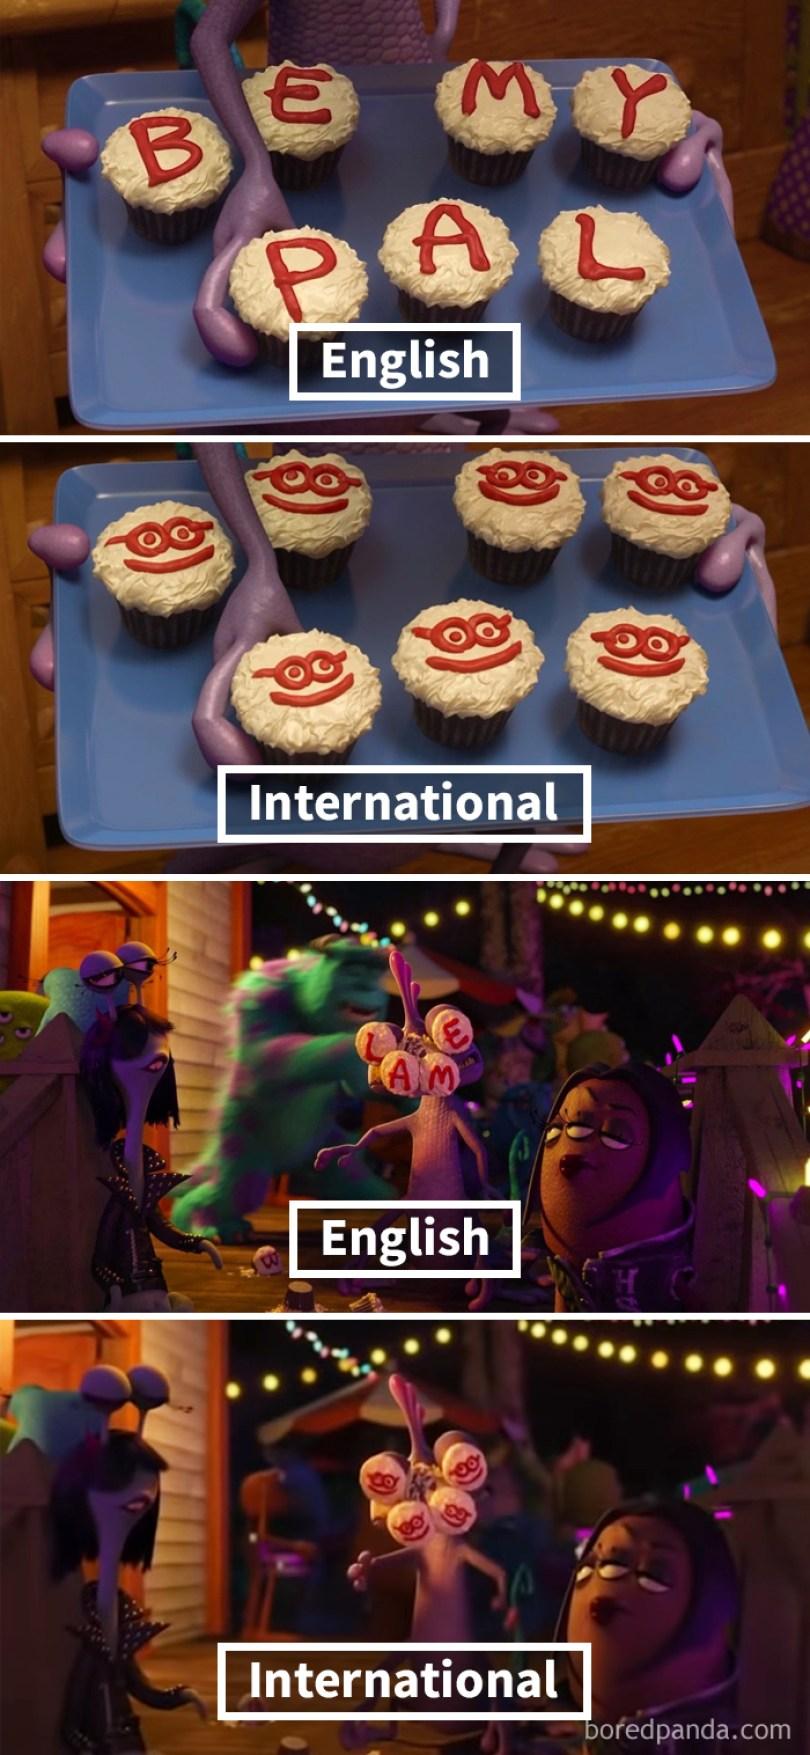 5fbf65766fad3 4 5fbcfac482855  700 - Detalhes que a Pixar e a Disney mudaram em seus filmes em países diferentes